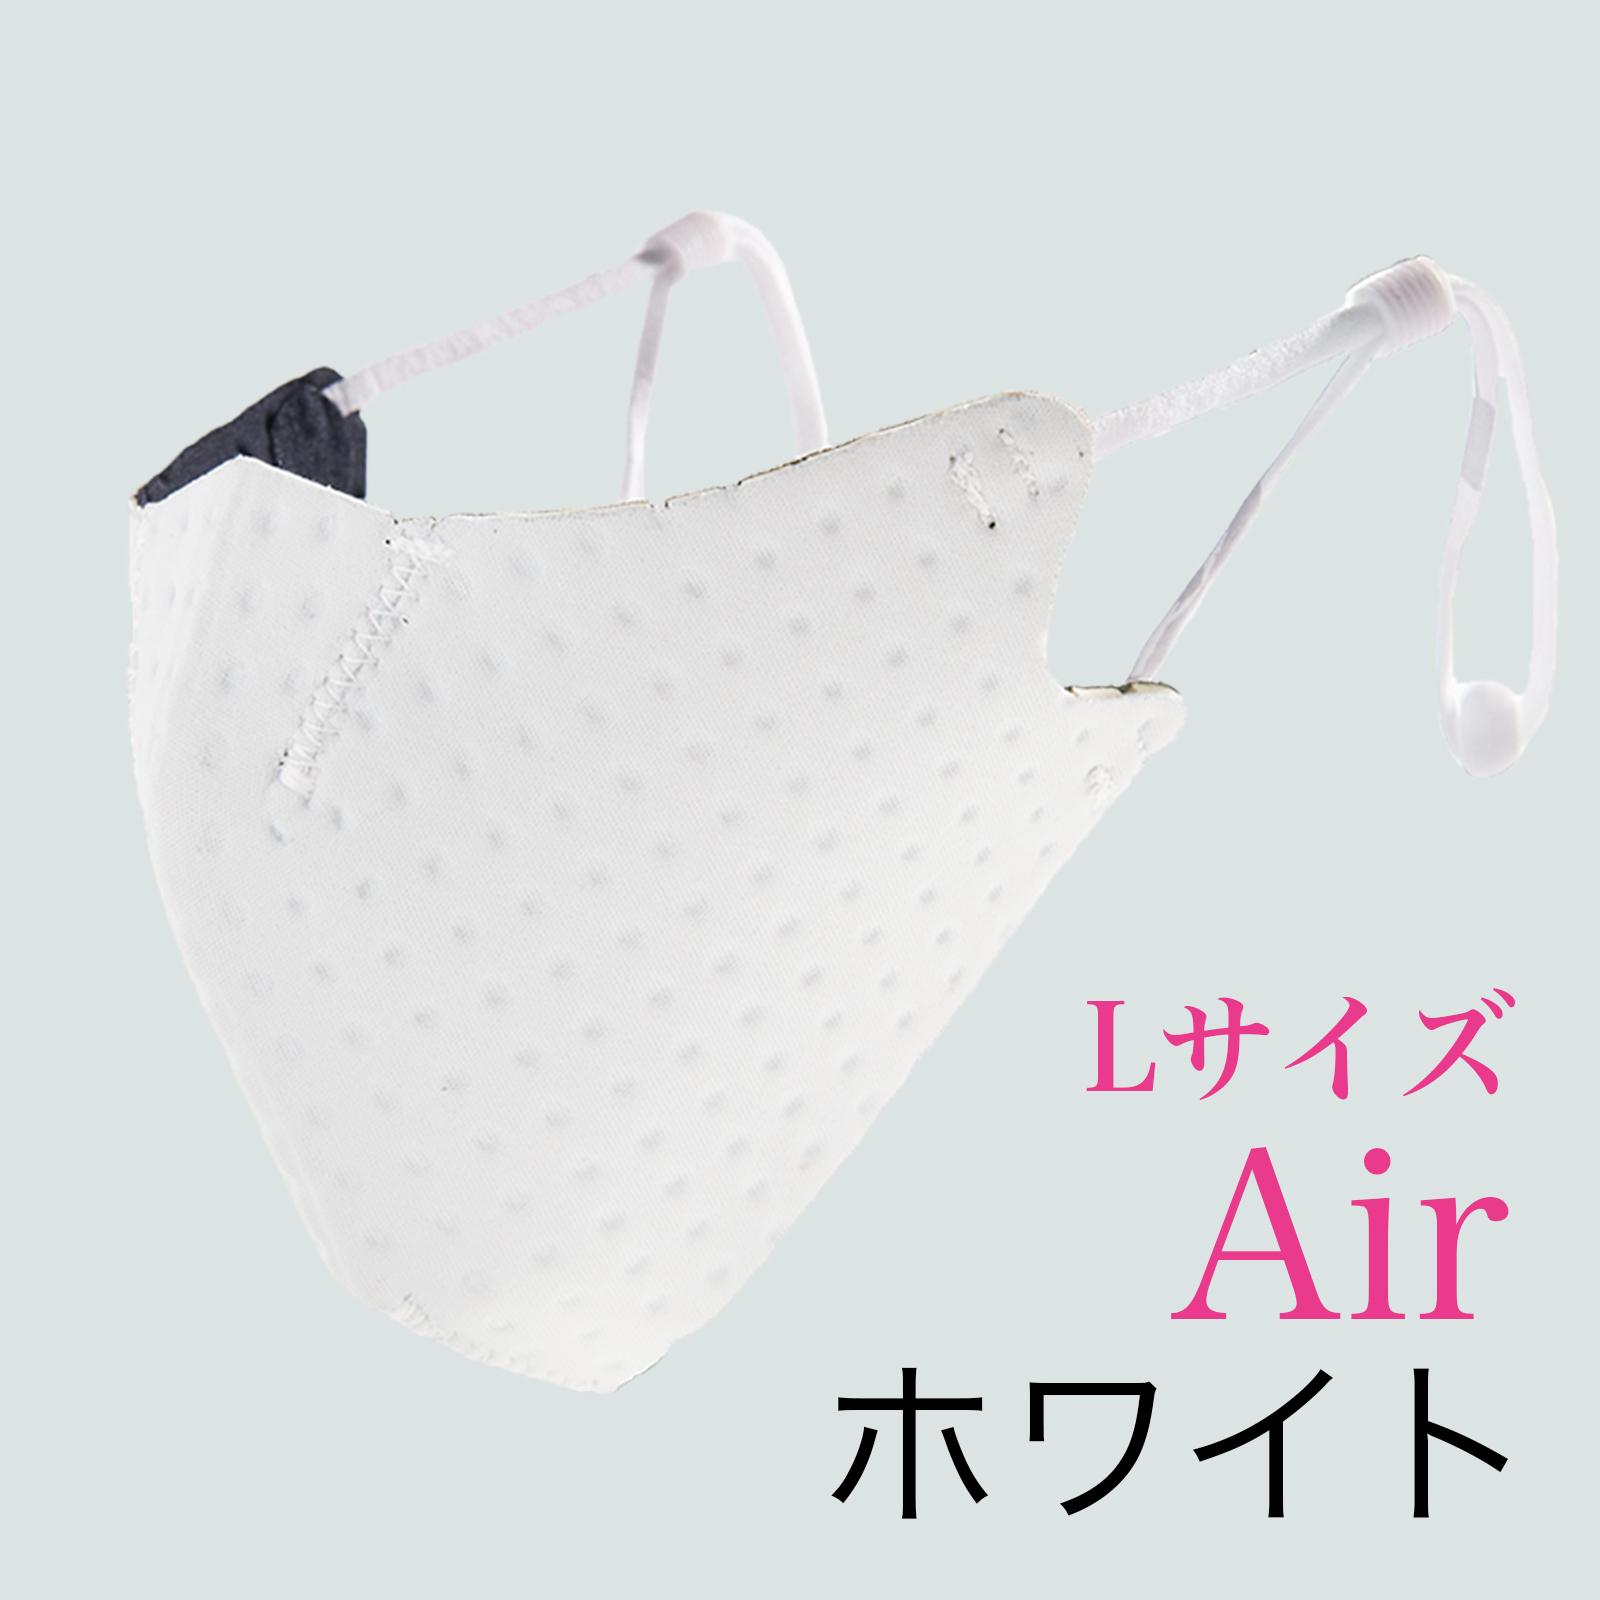 【7個セット】呼吸 Co-que Air【7%OFF】【選べるカラー】【送料無料】